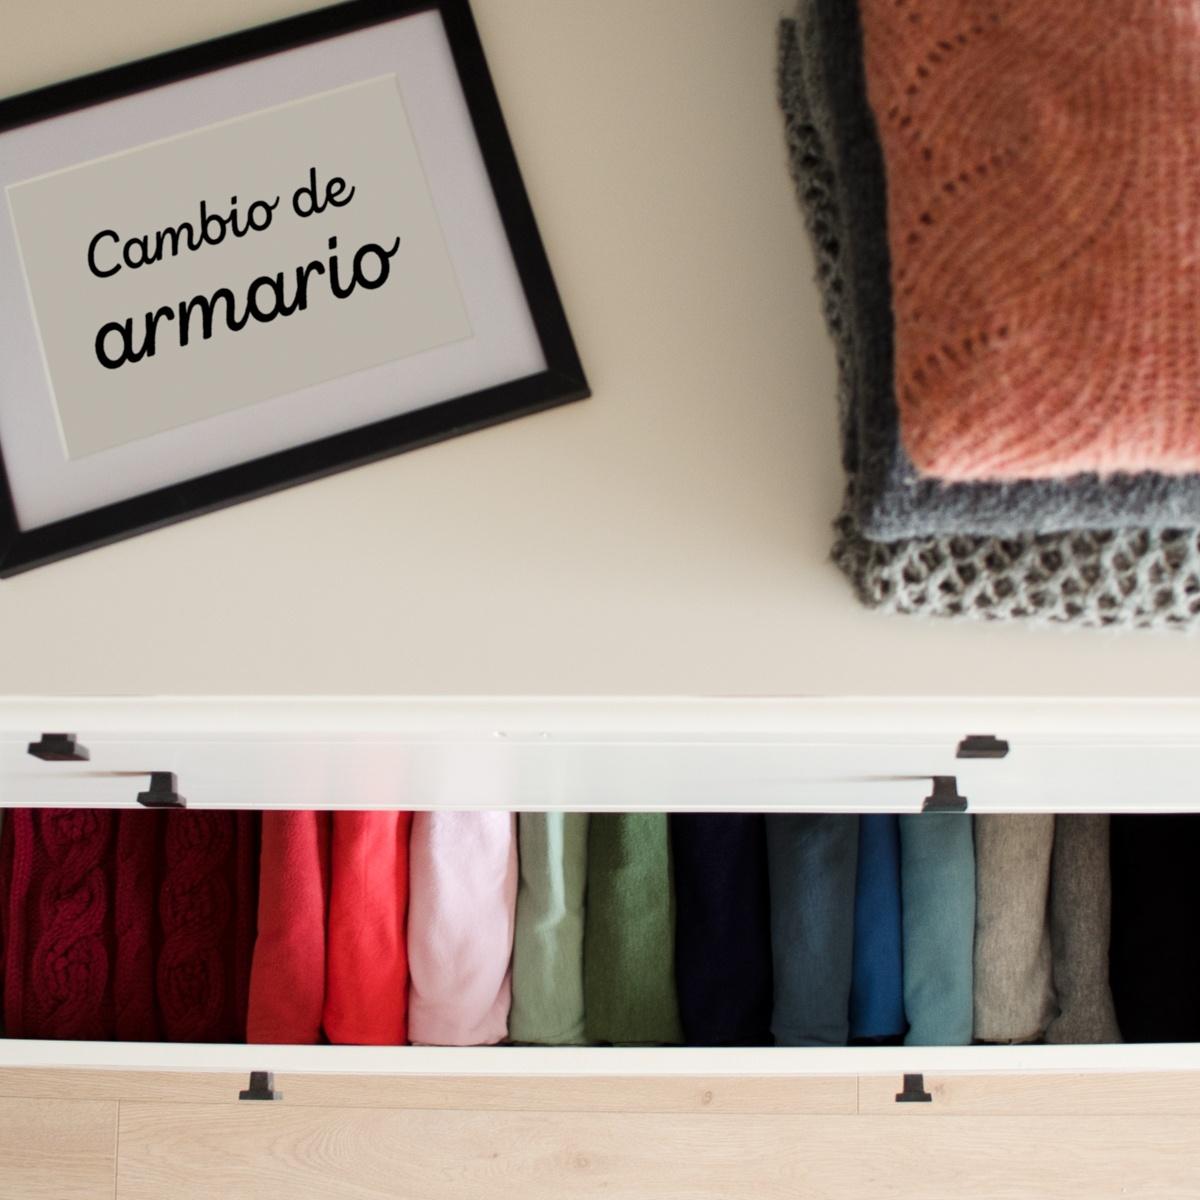 Cambio de armario by Balmbó Blau